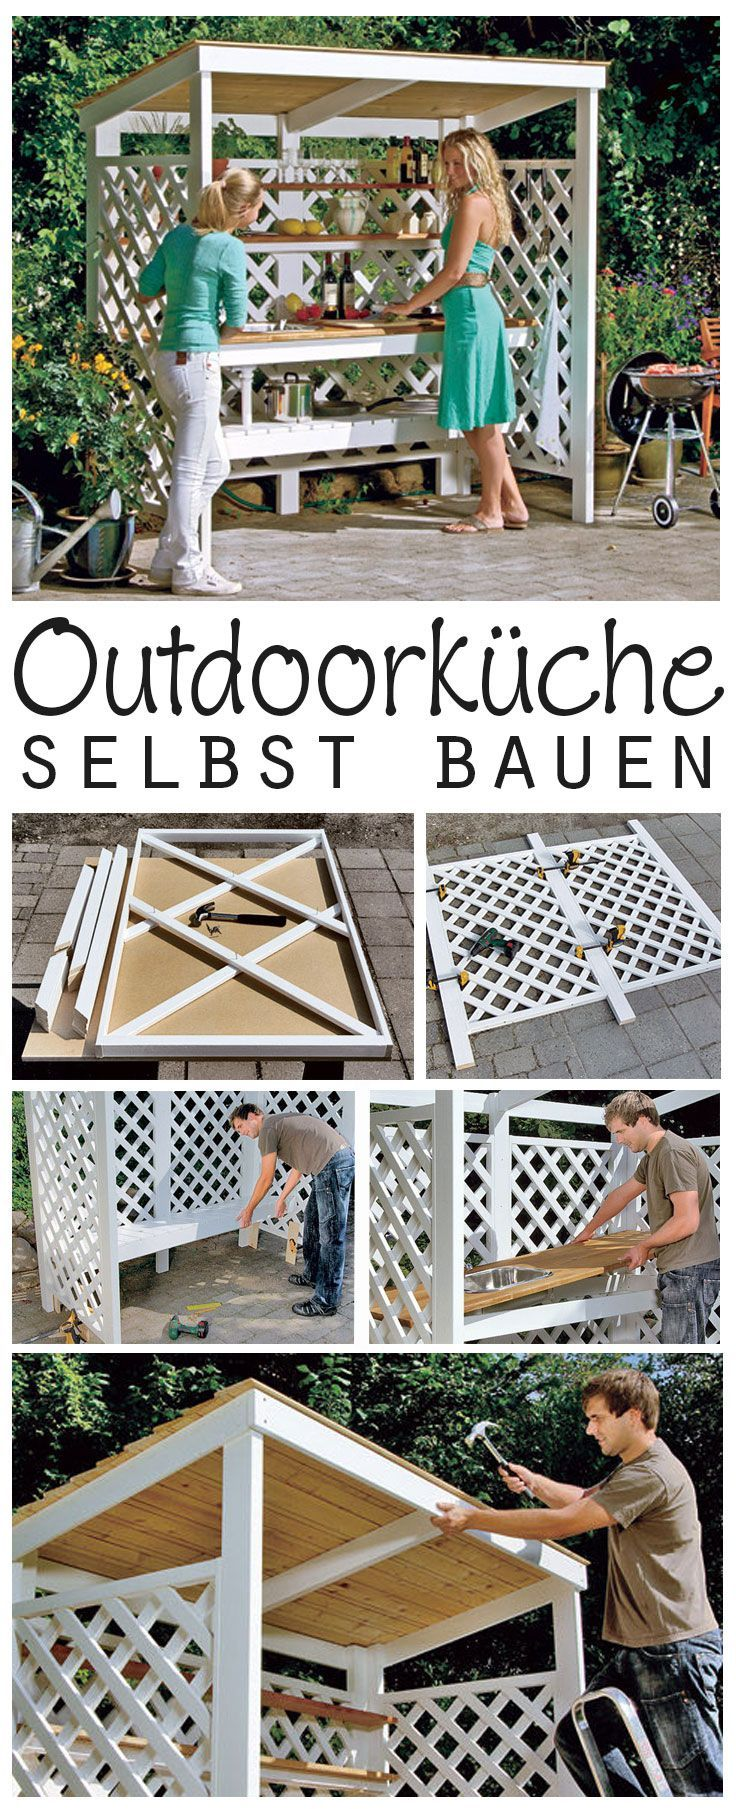 Outdoorküche selber bauen – Balkon ideen